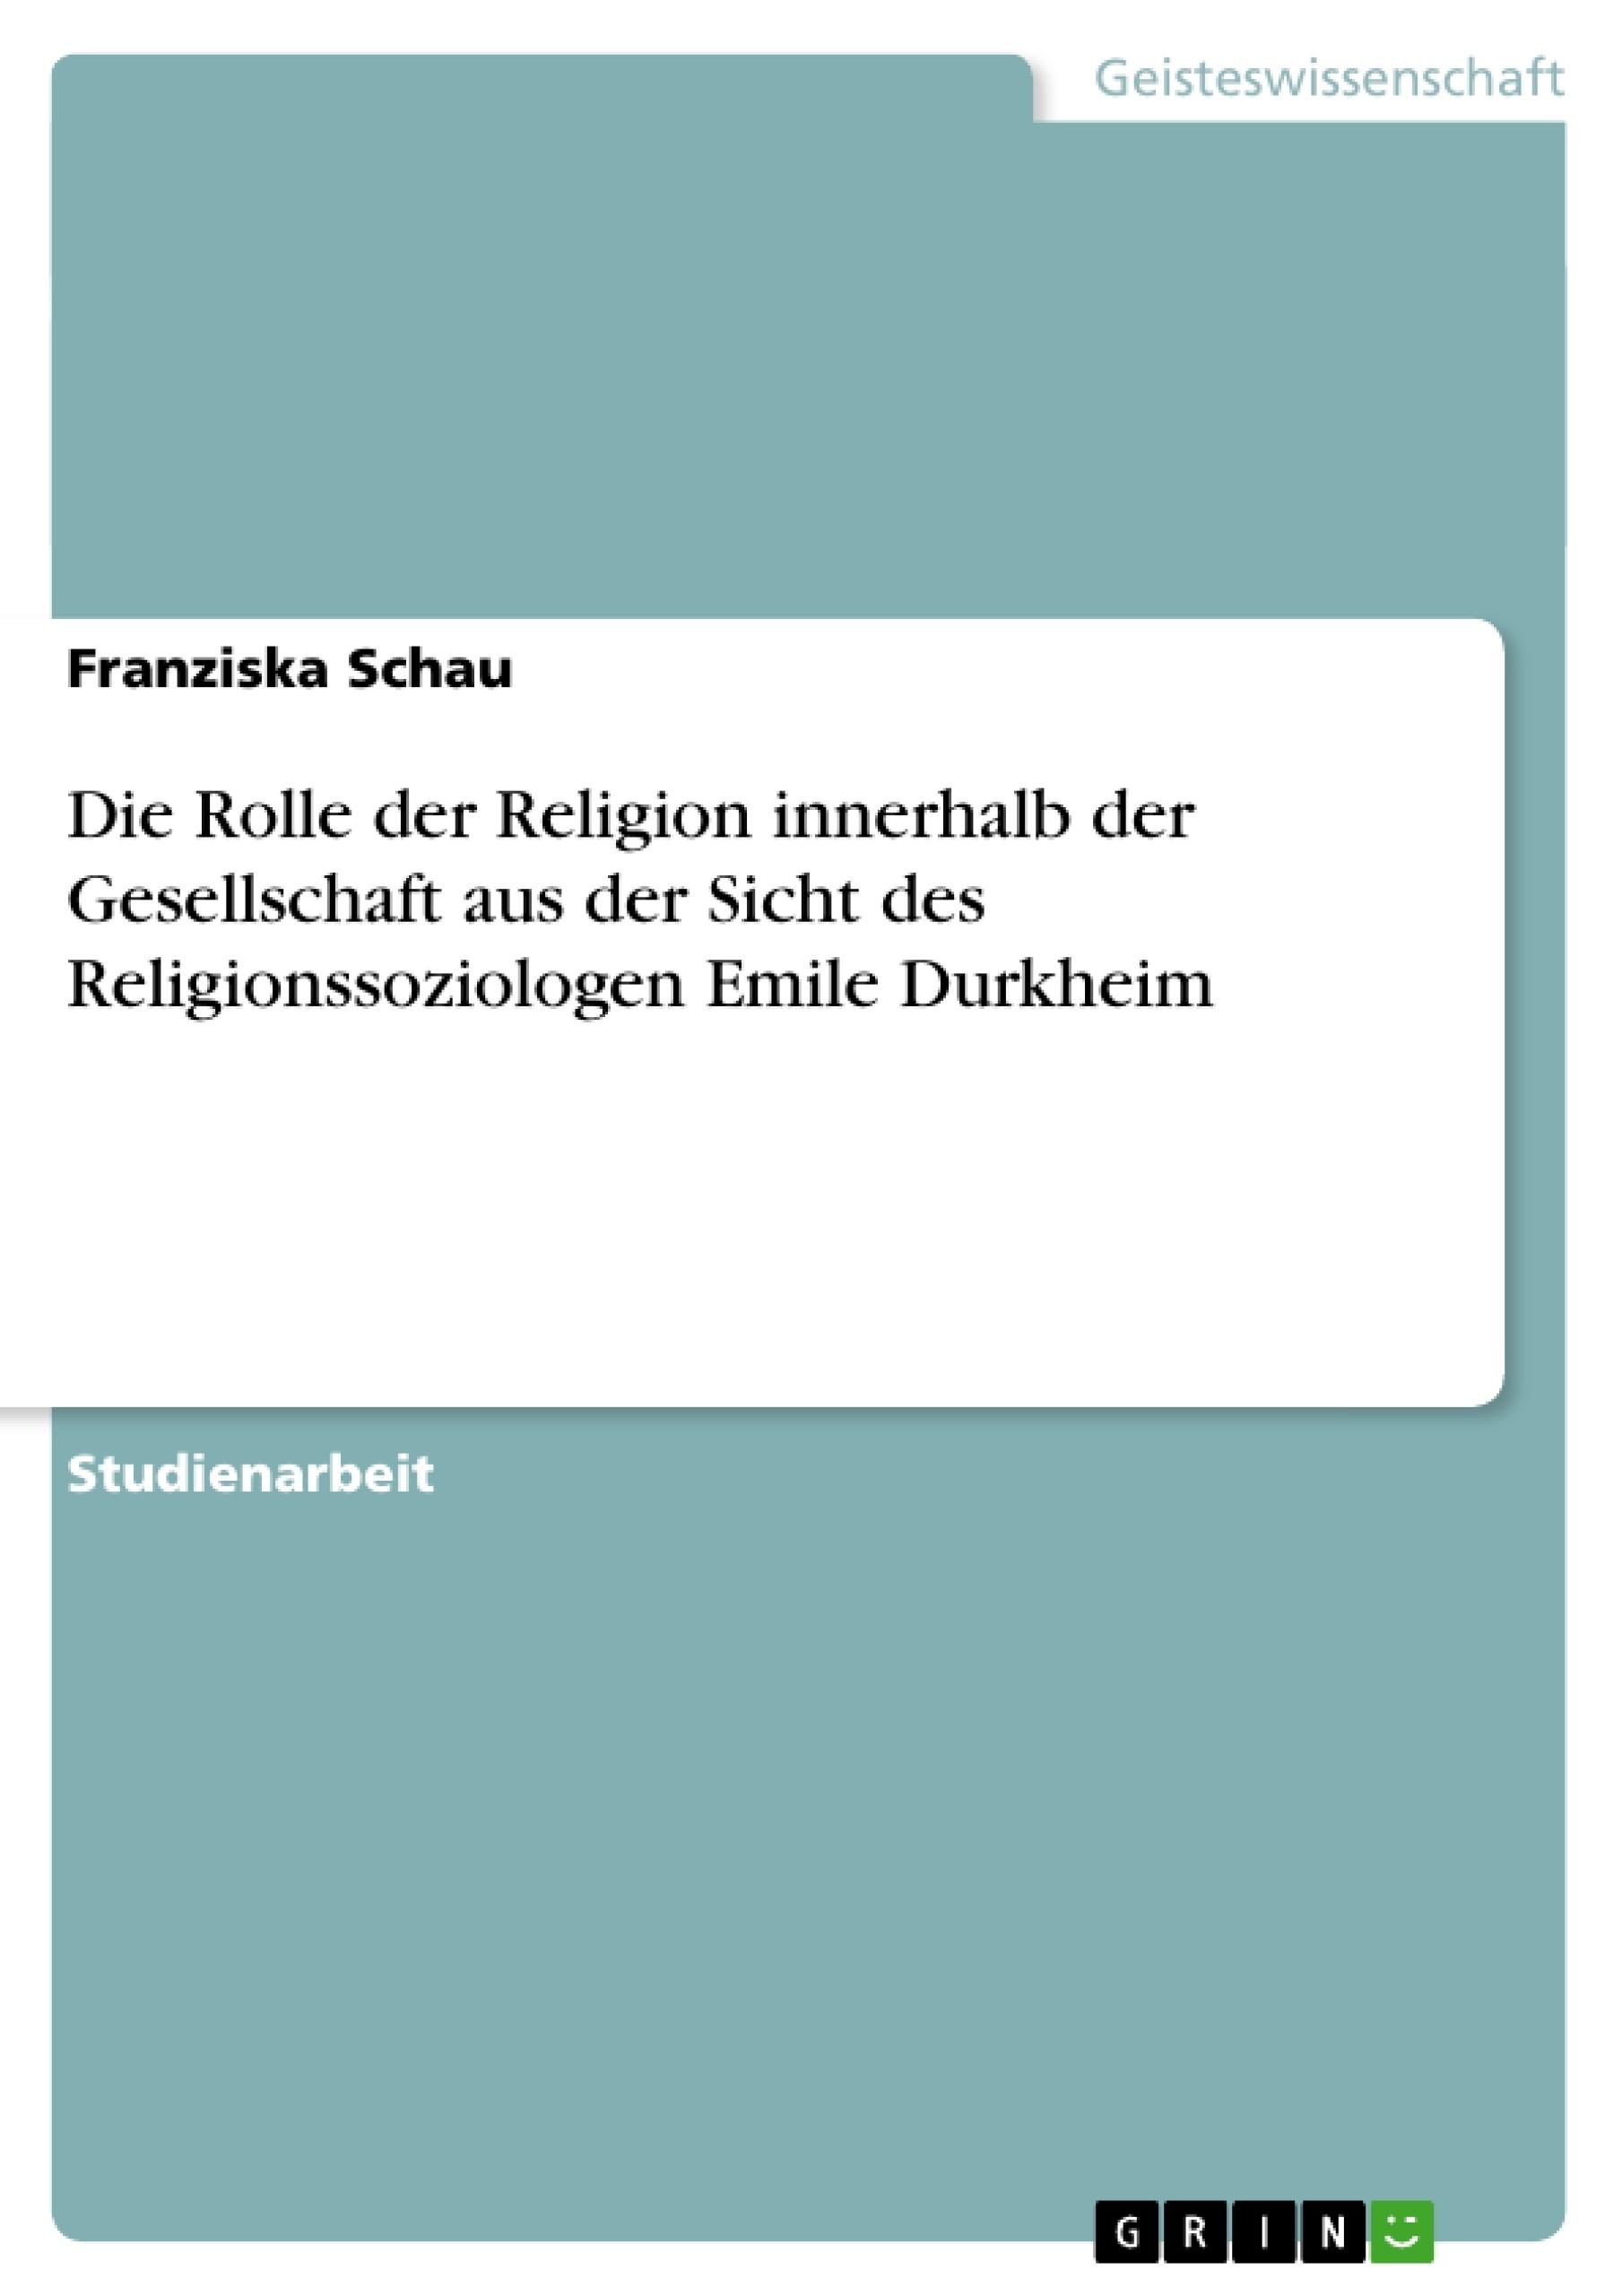 Titel: Die Rolle der Religion innerhalb der Gesellschaft aus der Sicht des Religionssoziologen Emile Durkheim